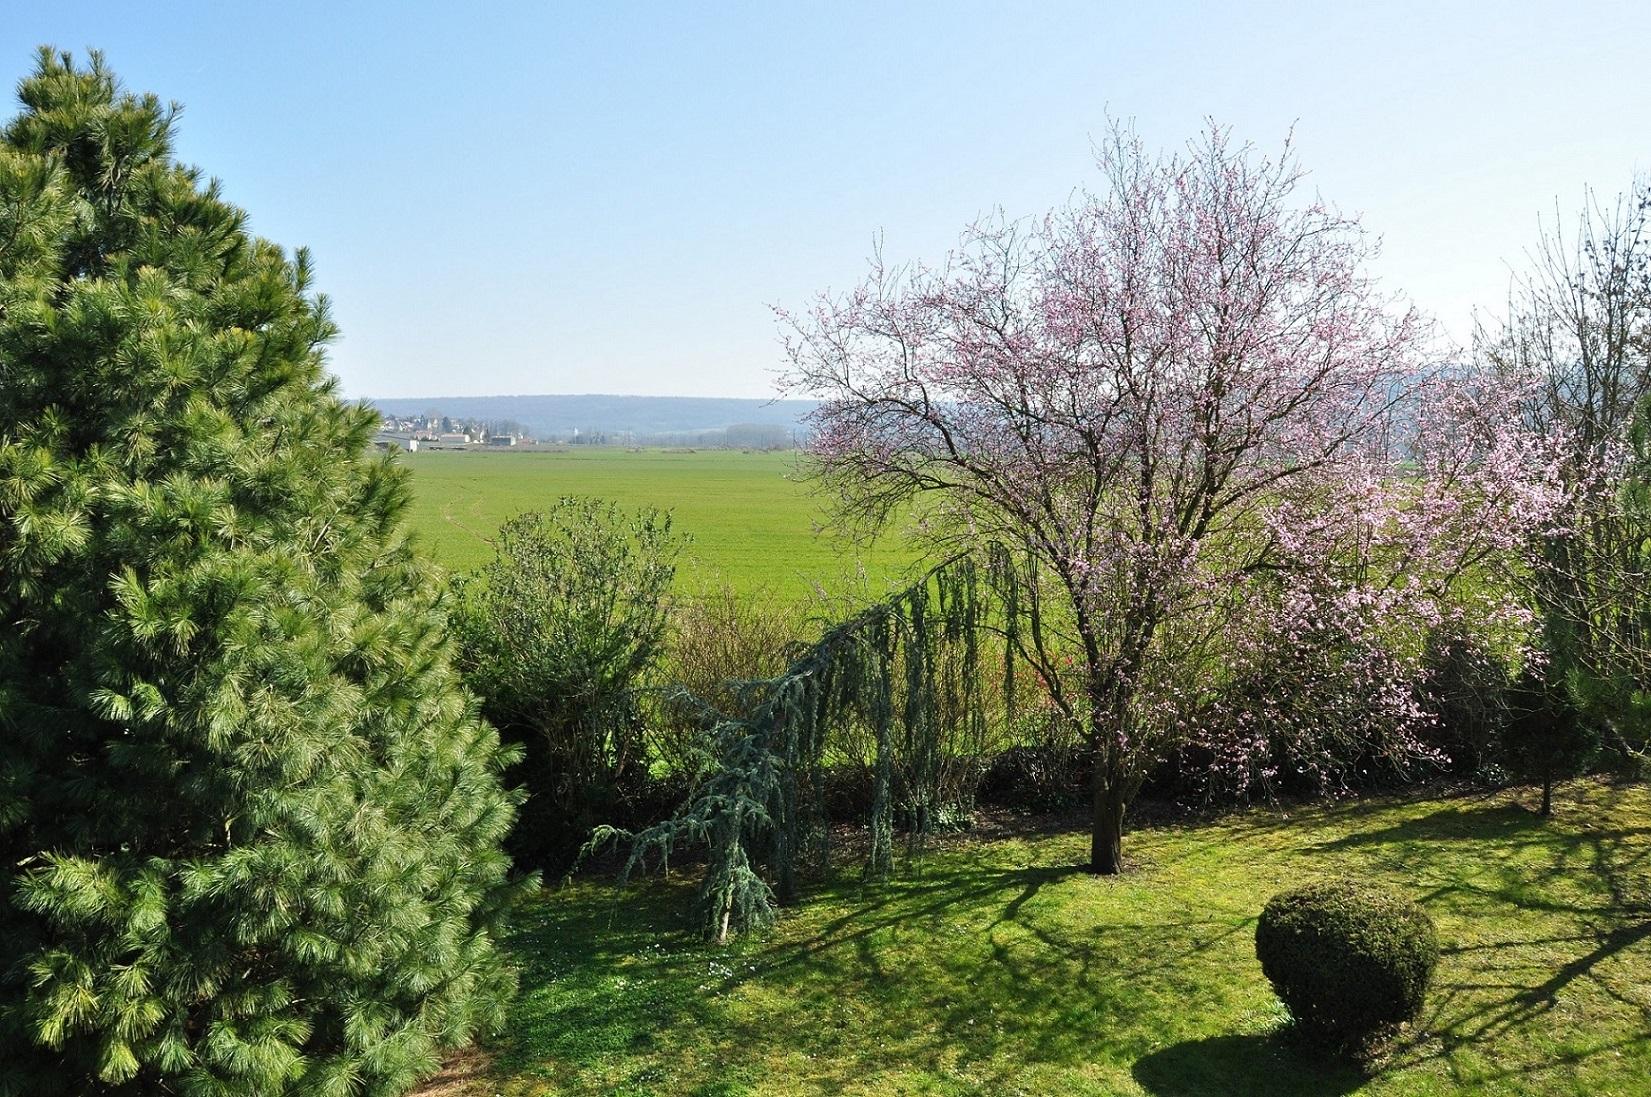 vue sur la vallée depuis le jardin paysager